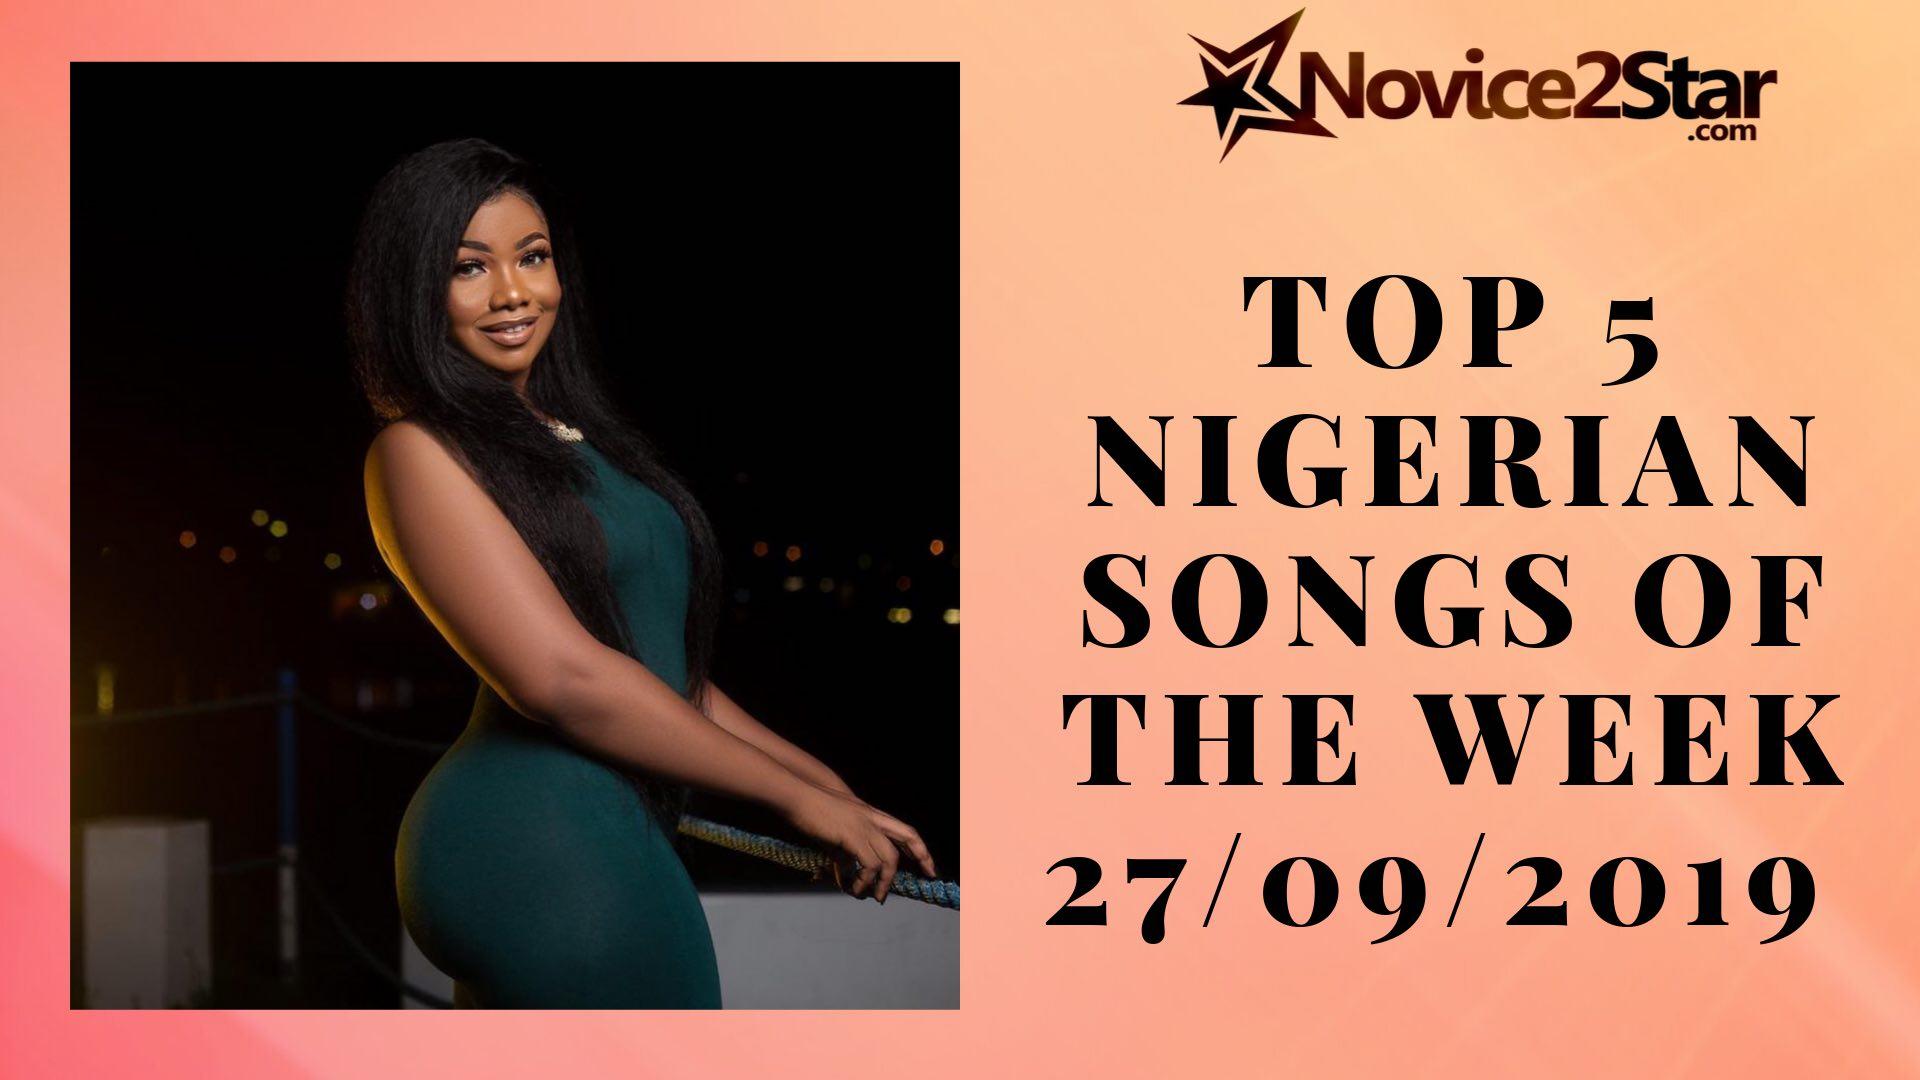 Top 5 Nigerian Songs Of The Week – September 27 2019 Chart